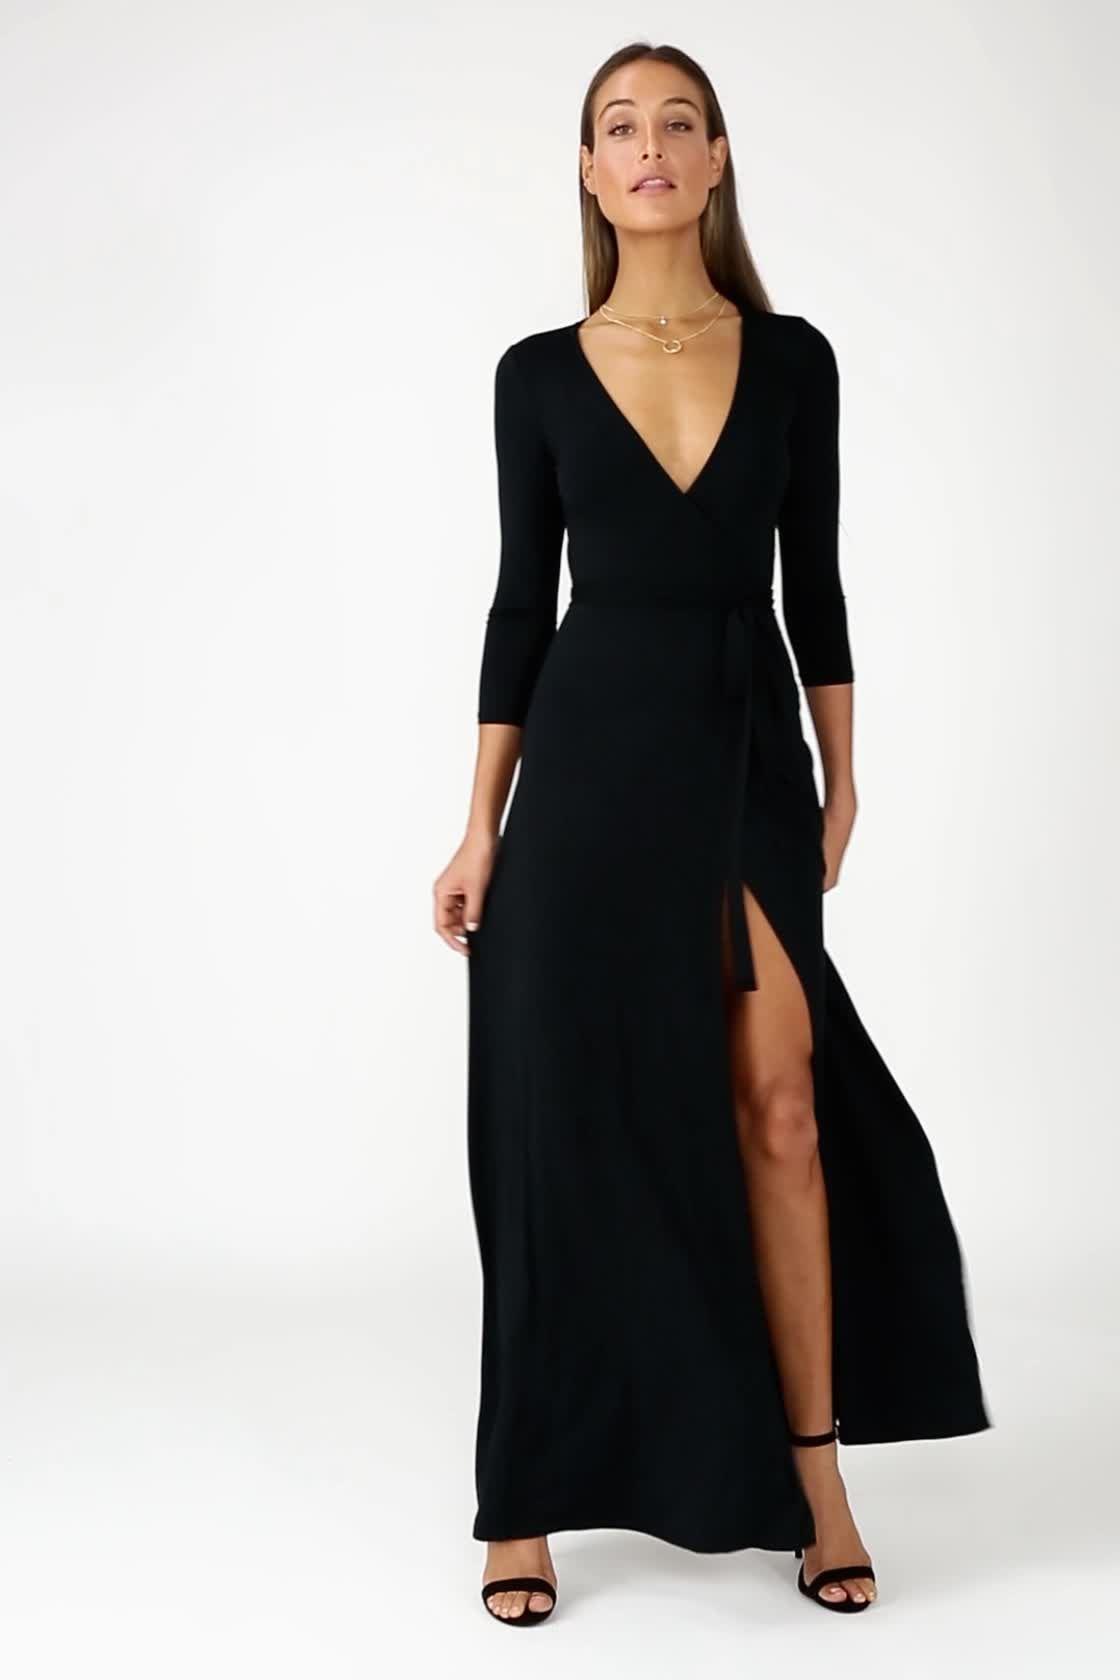 Garden District Black Wrap Maxi Dress Maxi Dress Maxi Dress With Sleeves Maxi Wrap Dress [ 1680 x 1120 Pixel ]